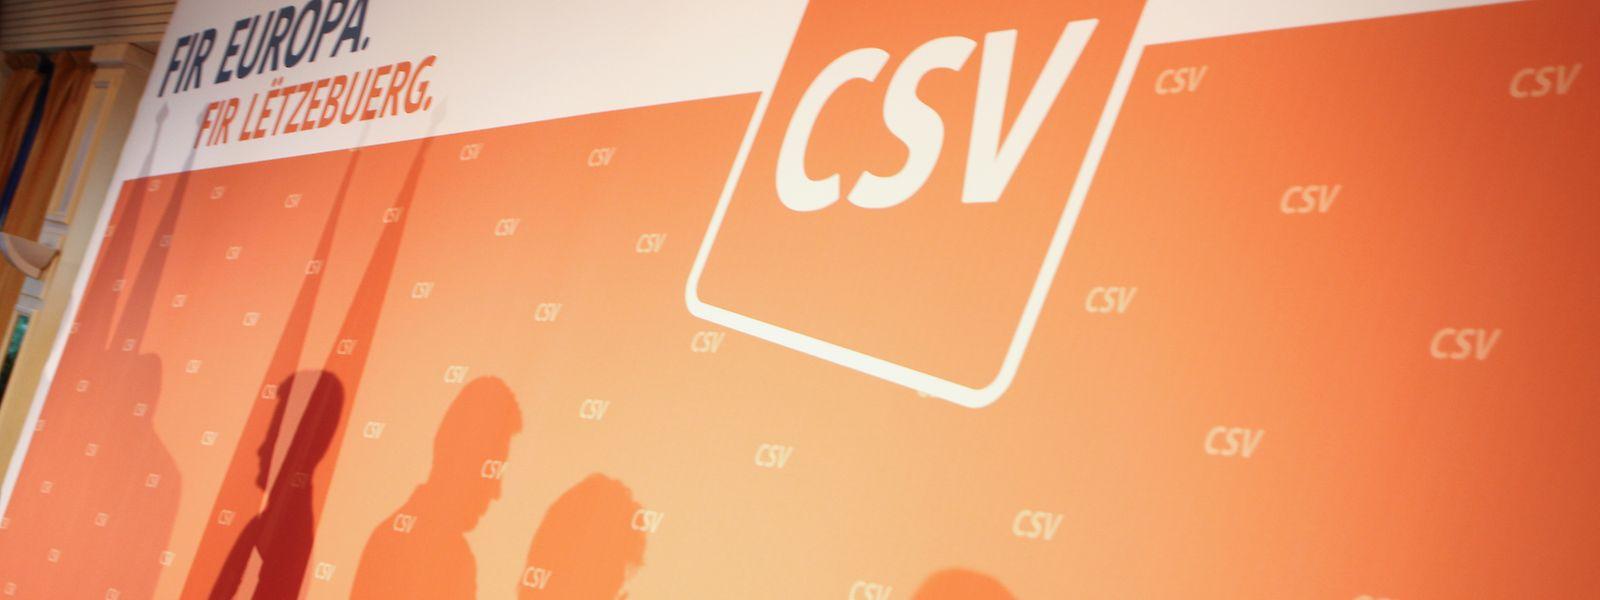 Schattenspiele: Nach dem Rückzug von Frank Engel gibt es aktuell nicht einmal eine inoffizielle Kandidatur für den CSV-Vorsitz.